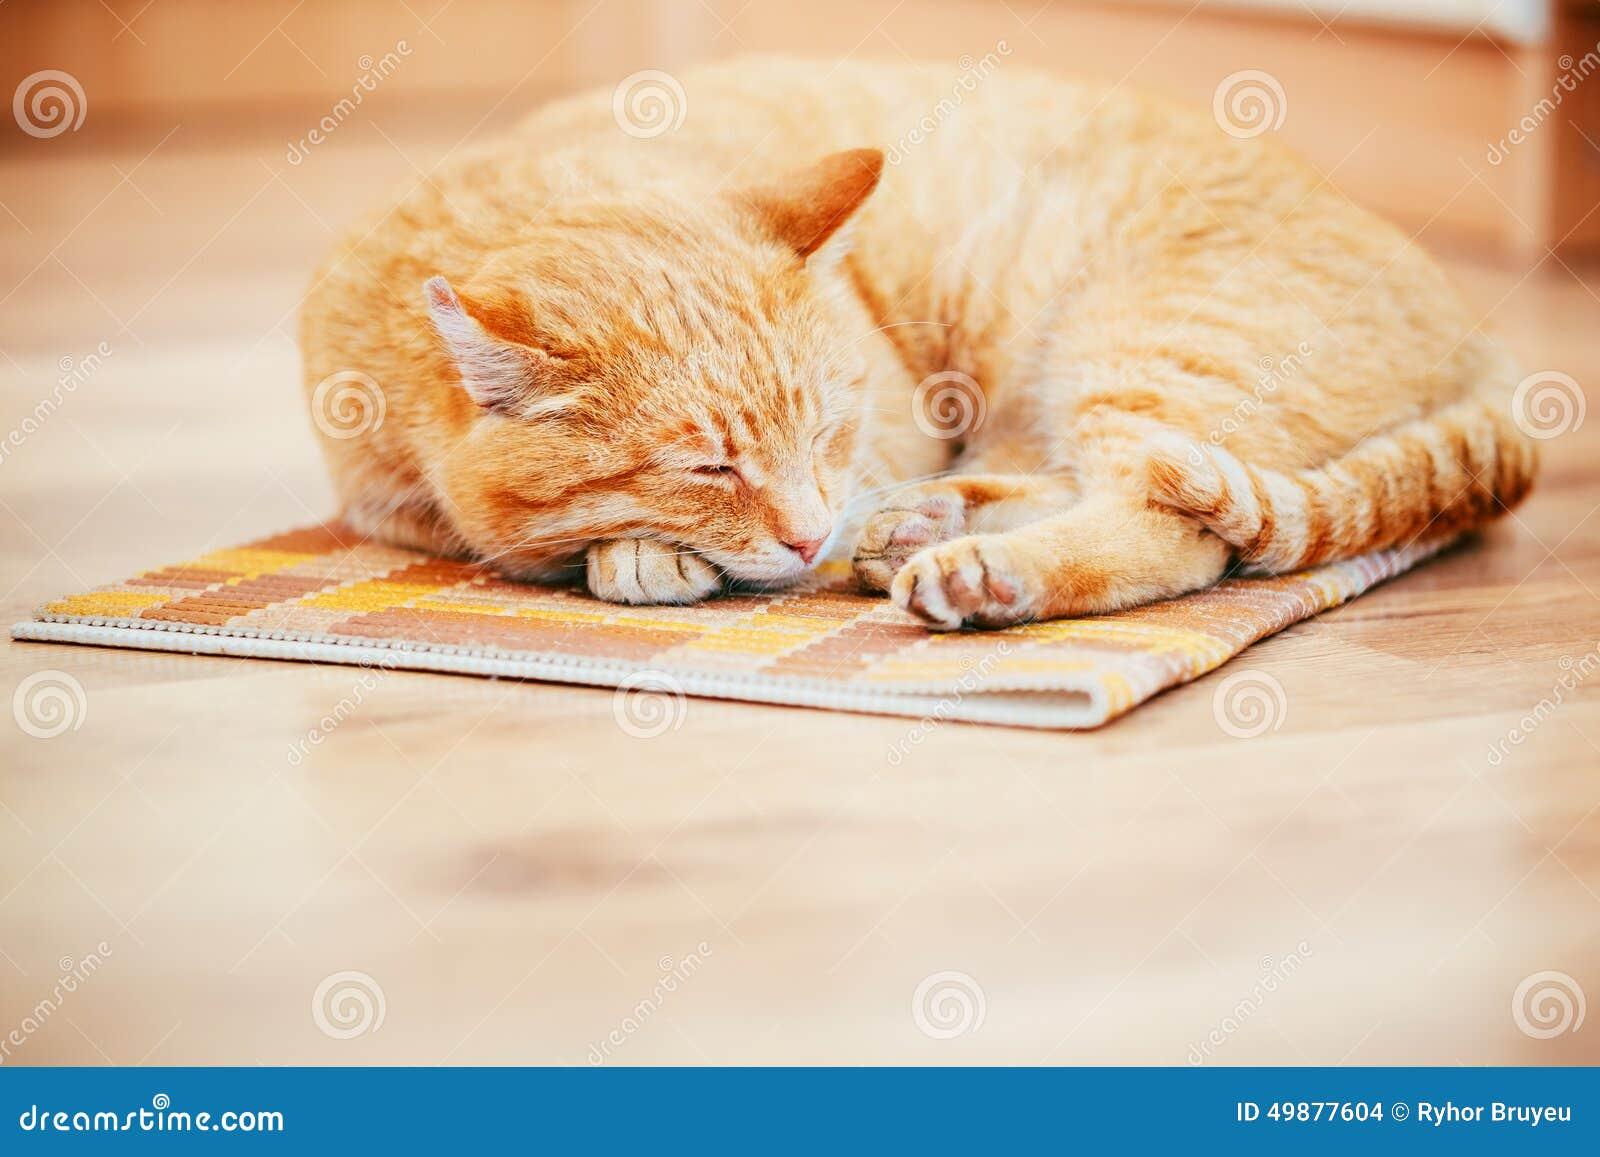 Peaceful Orange Red Tabby Cat Male Kitten Sleeping